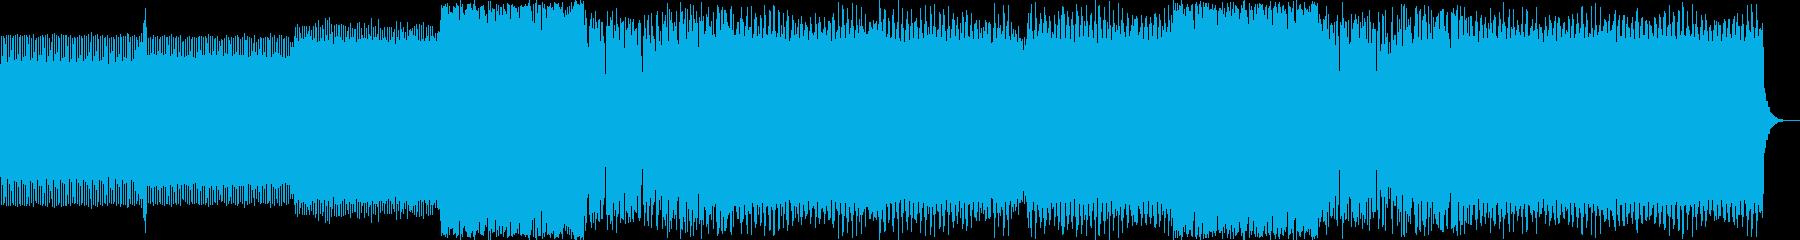 不協和音ボス系の曲【RPG、シューティ…の再生済みの波形